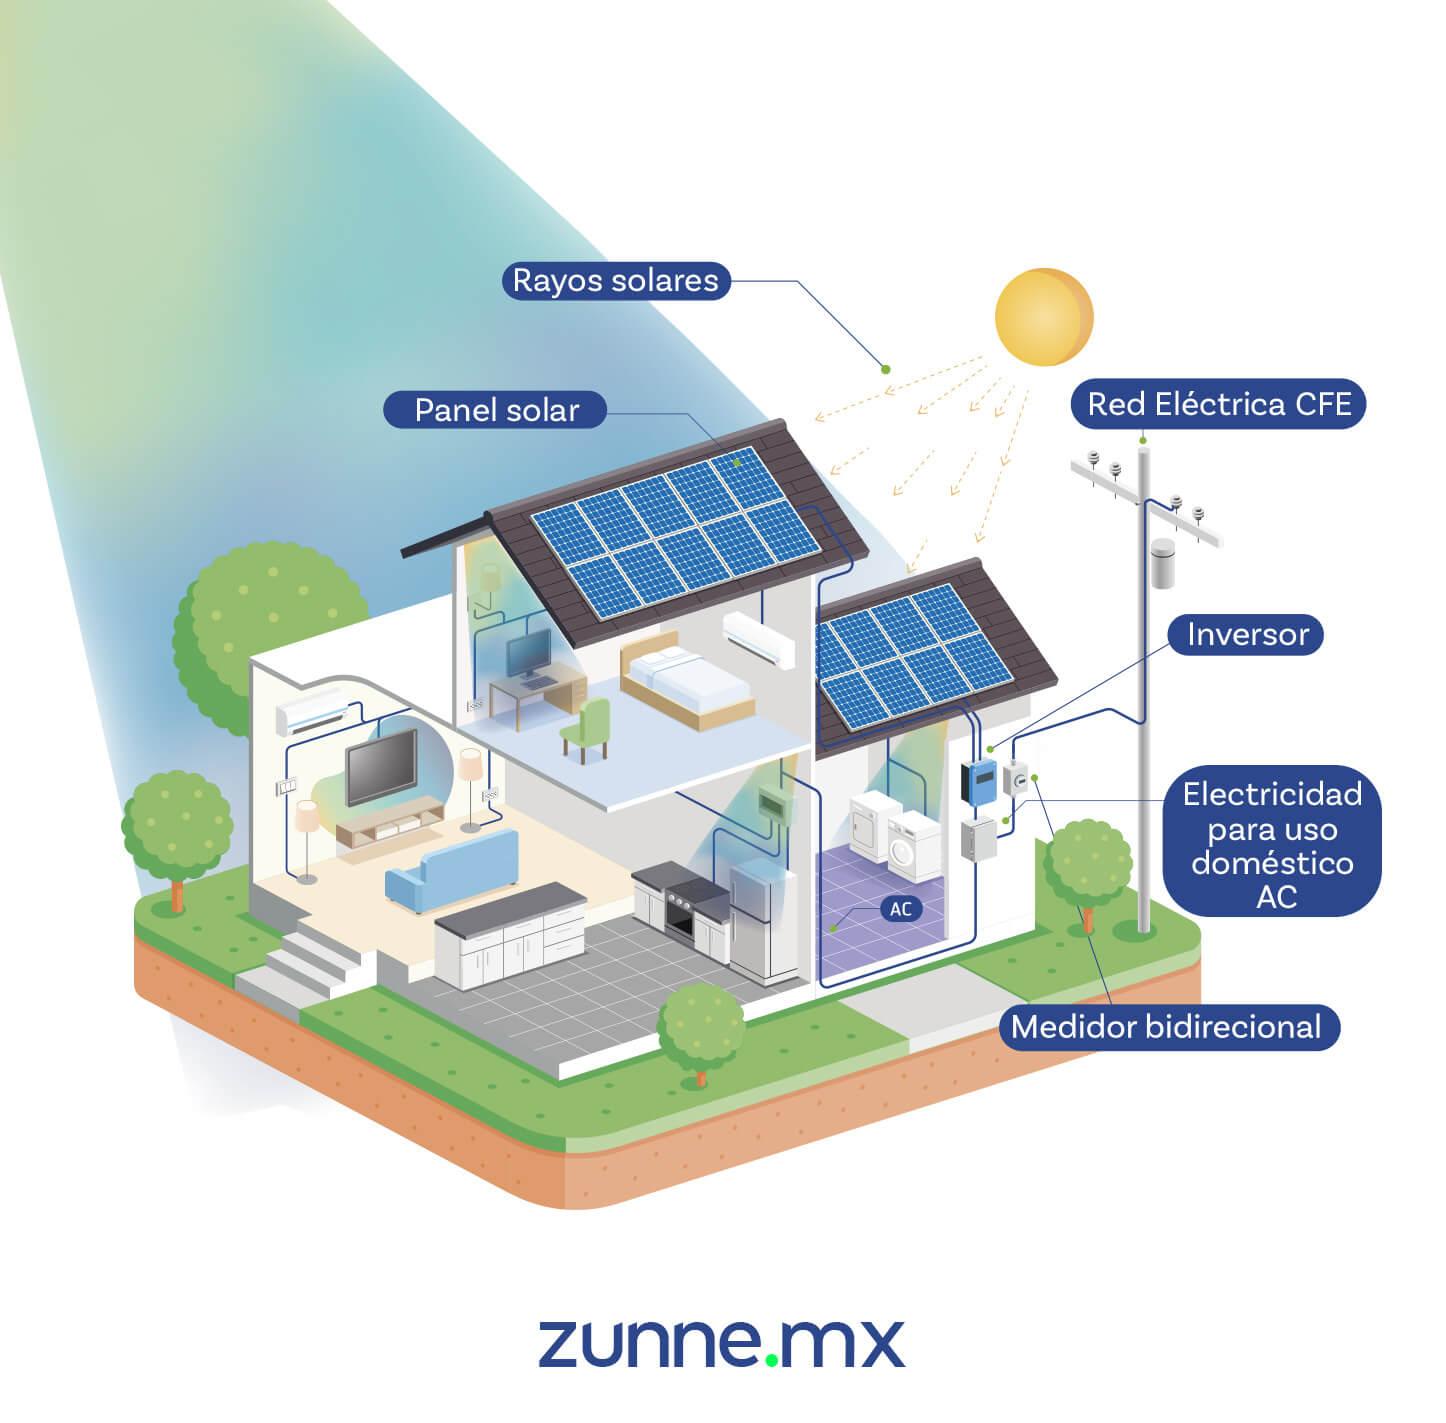 Cómo funcionan los paneles solares interconectados Diagrama